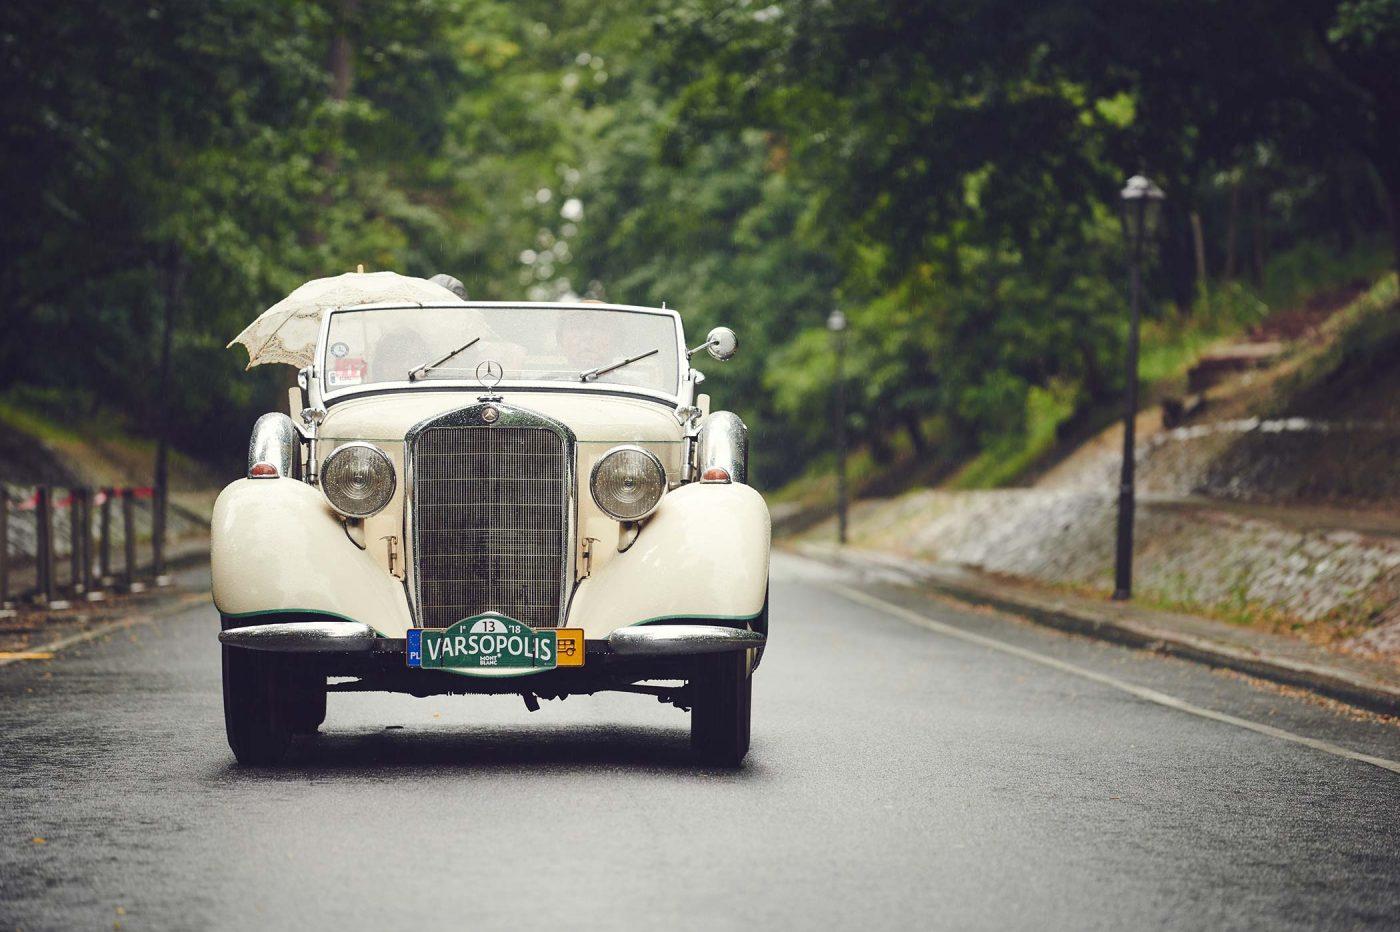 Varsopolis – zabytkowe auta w Łazienkach Królewskich [dużo zdjęć]